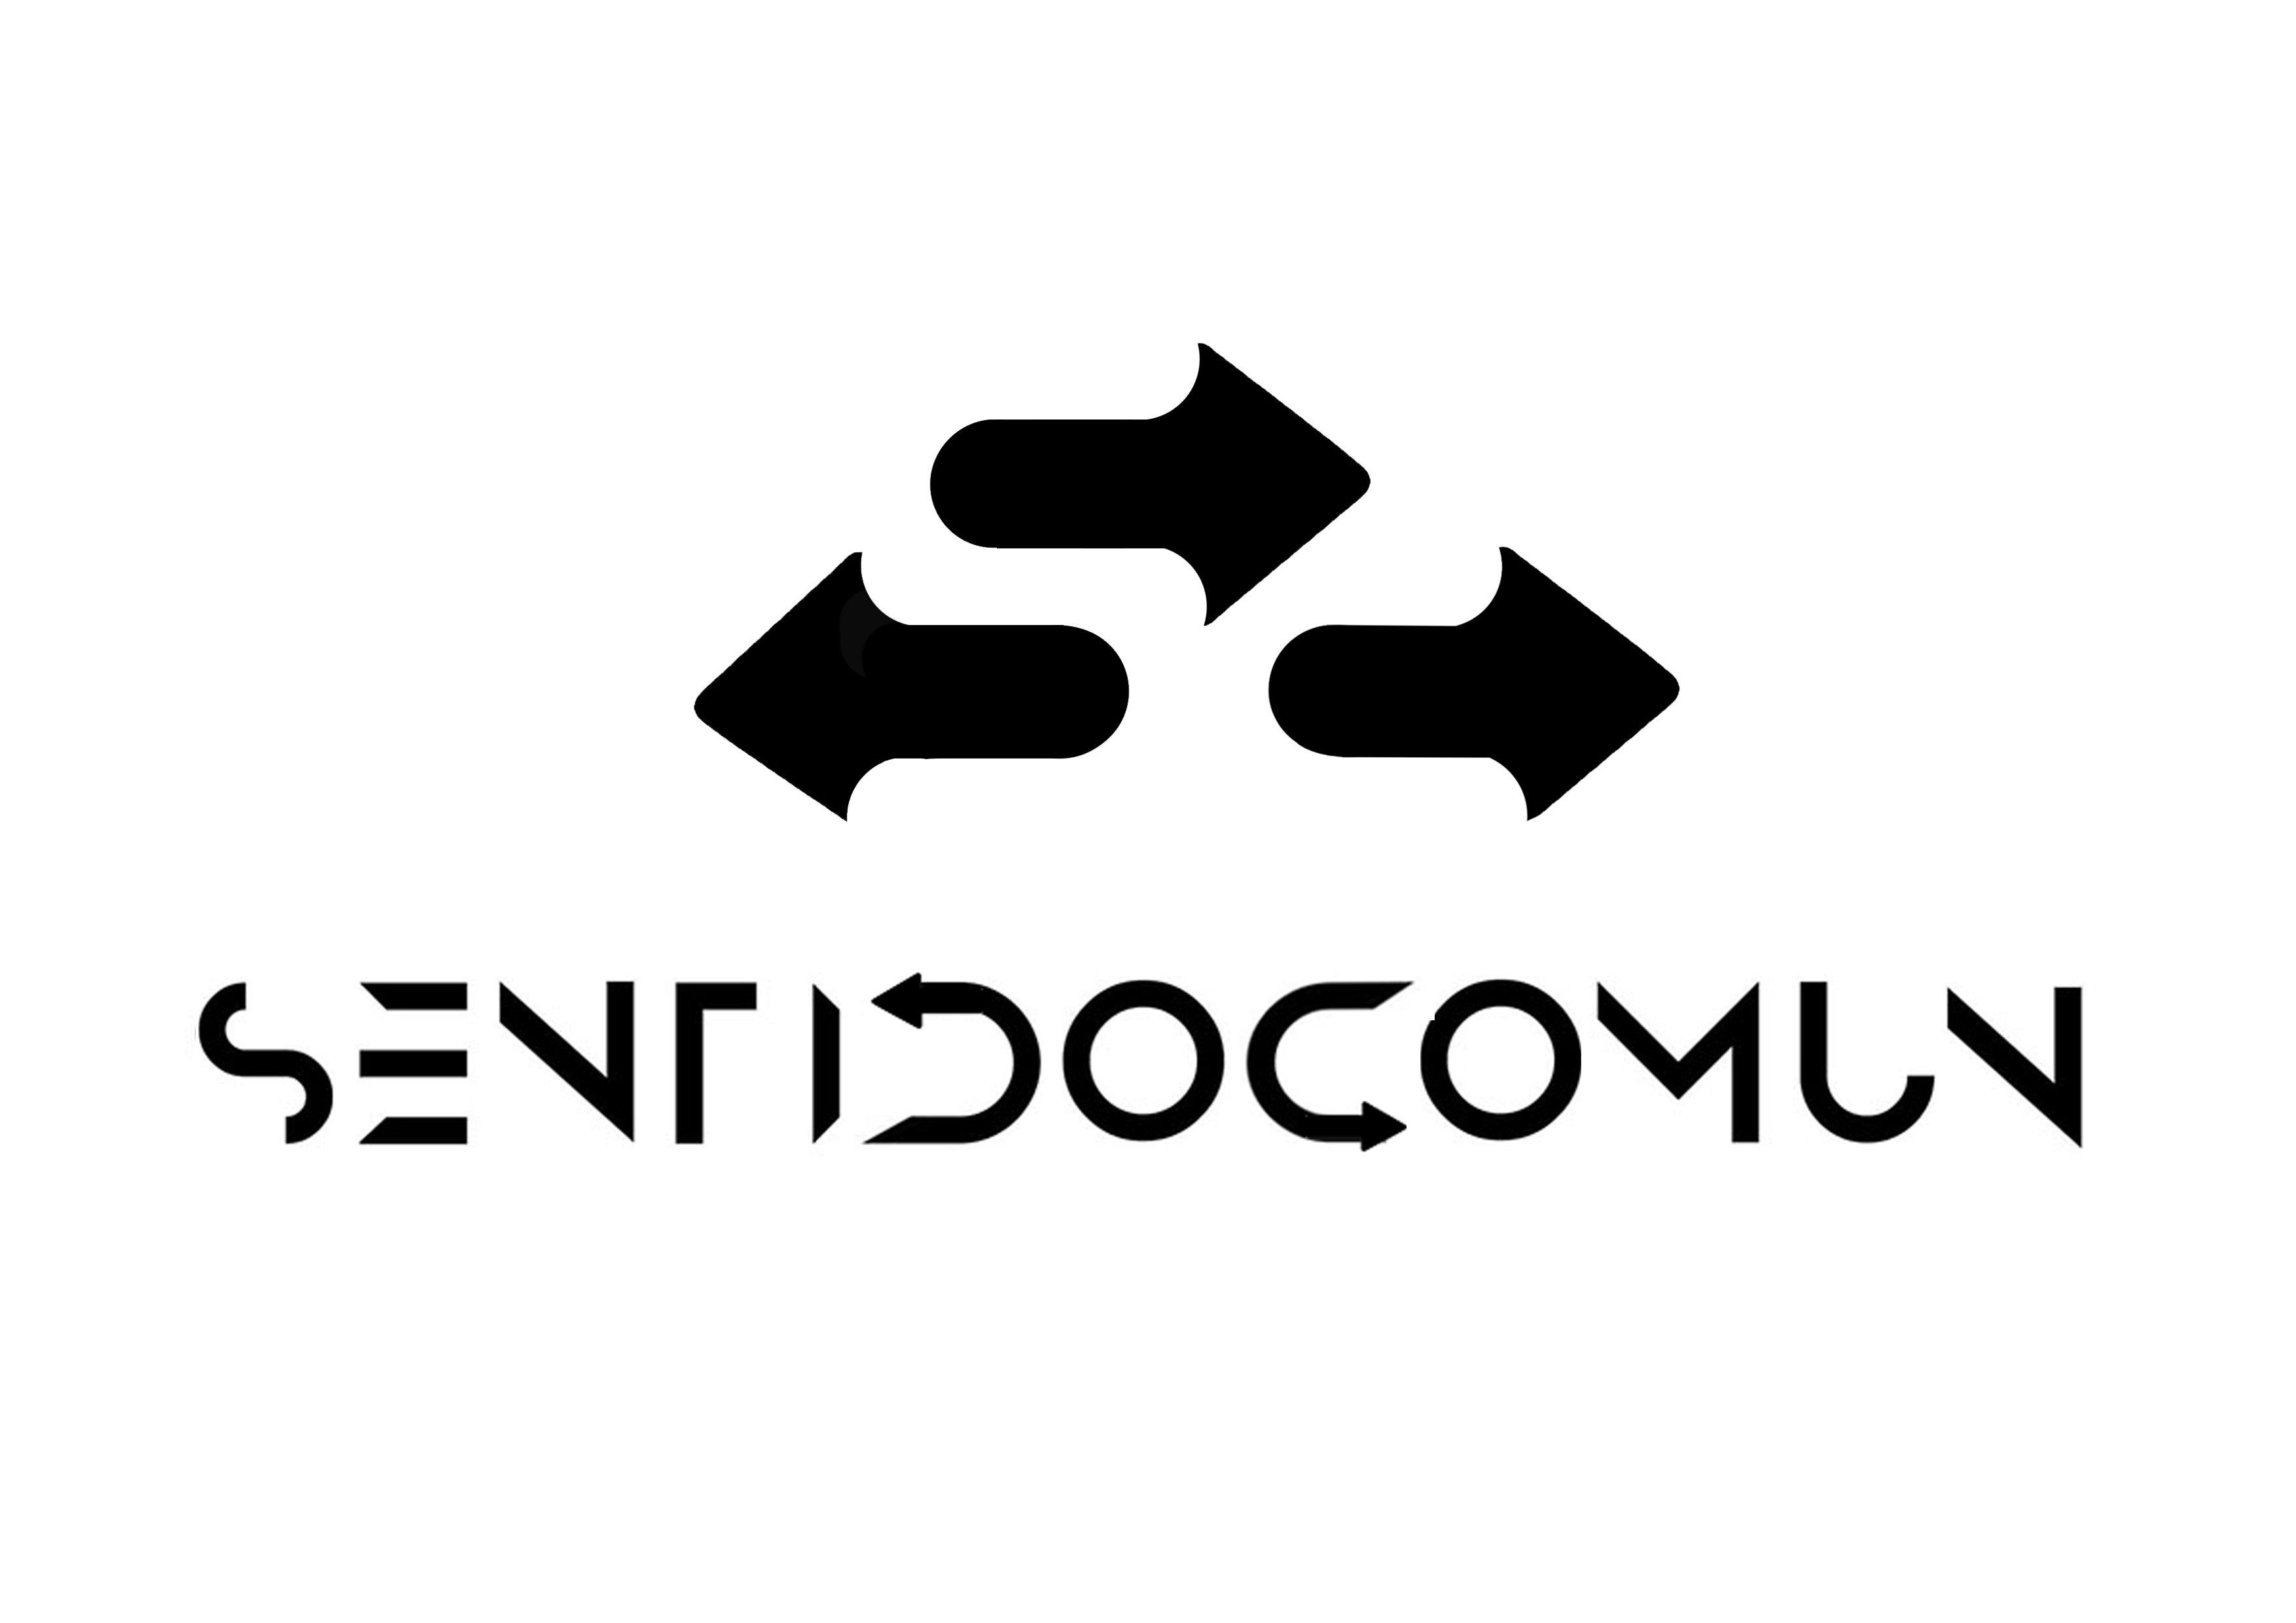 Pin En My Designs Diseños Logotipos Imagotipo Isologo Isotipo Graphic